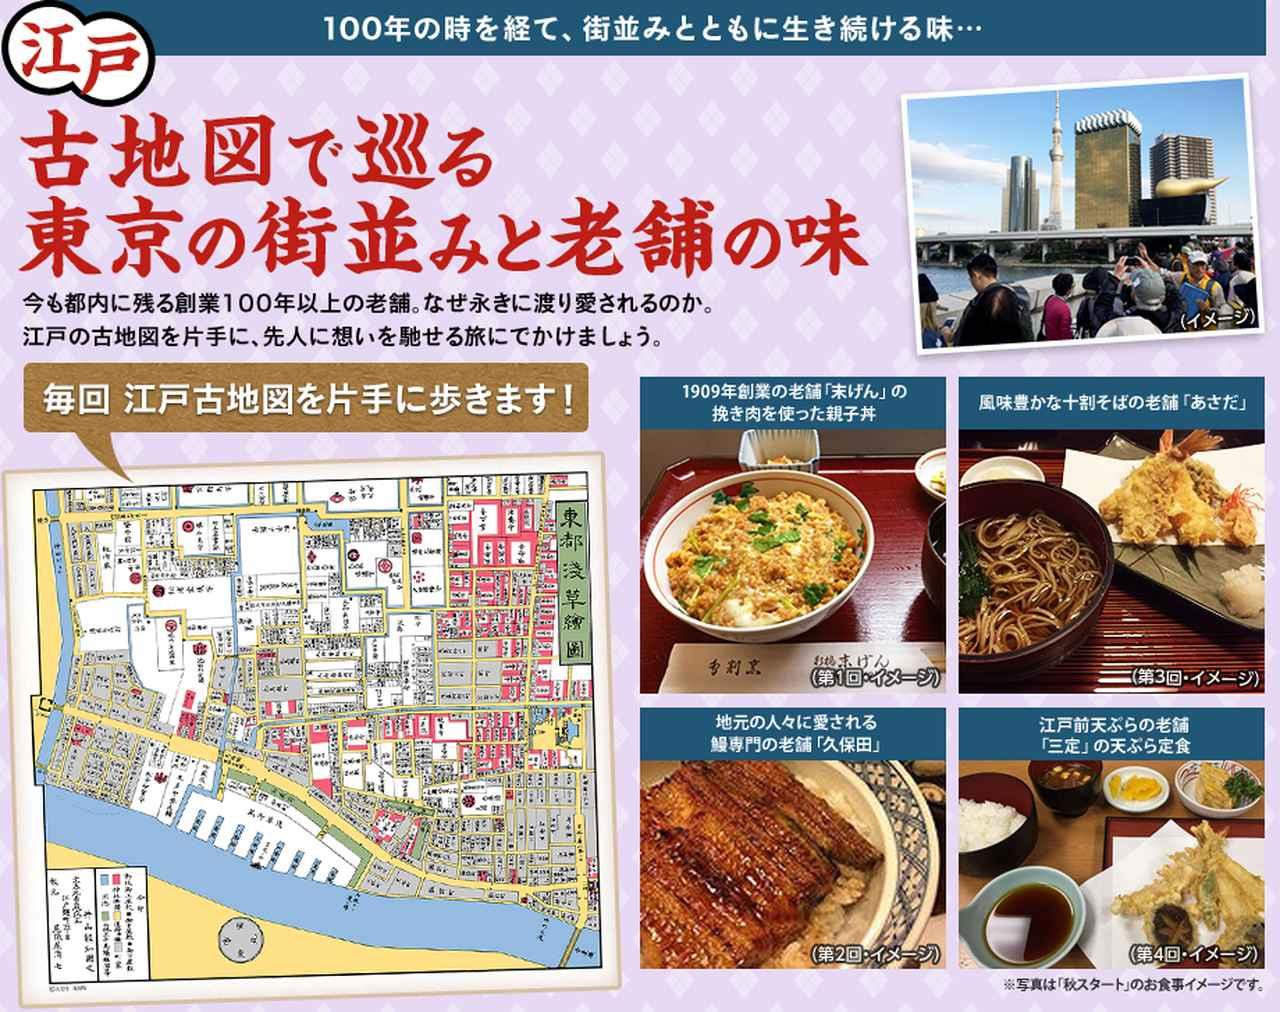 画像: 江戸古地図で巡る 東京の街並みと老舗の味ツアー・旅行 クラブツーリズム